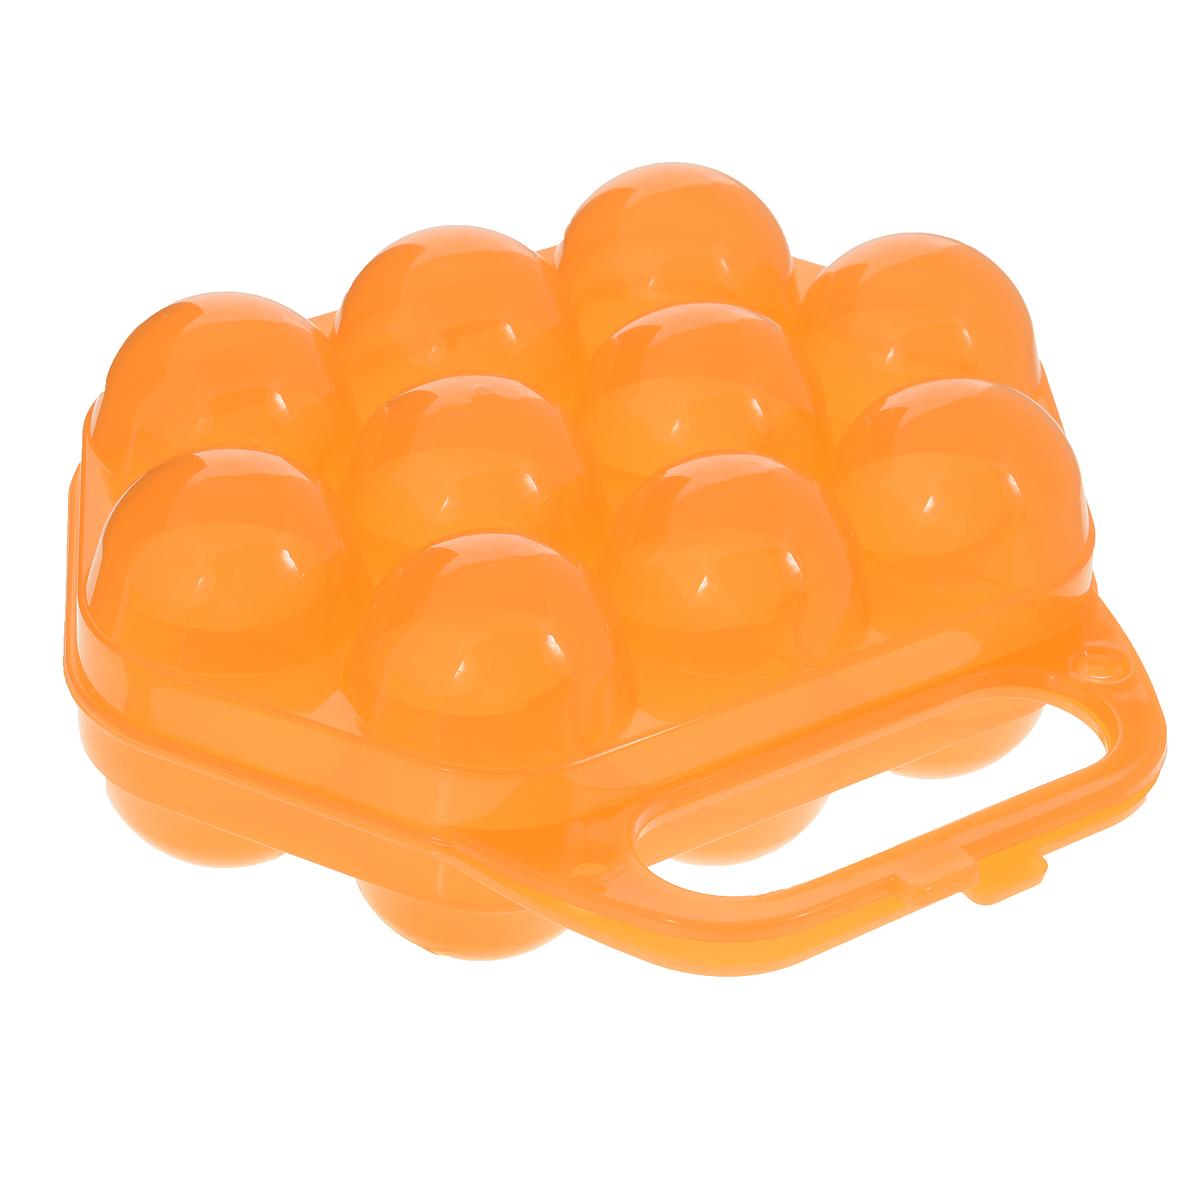 Контейнер для яиц Idea, на 10 шт, цвет: прозрачный оранжевый, 20 х 19 х 7,5 смVT-1520(SR)Контейнер Idea, изготовленный из пищевого пластика, выполнен в виде чемоданчика и снабжен специальными ячейками для 10 яиц. Надежный защелкивающийся замок предотвратит случайное раскрытие контейнера. Изделие не занимает много места, что очень удобно при транспортировке и хранении. Размер контейнера: 20 х 19 х 7,5 см. Диаметр ячейки: 4,3 см.